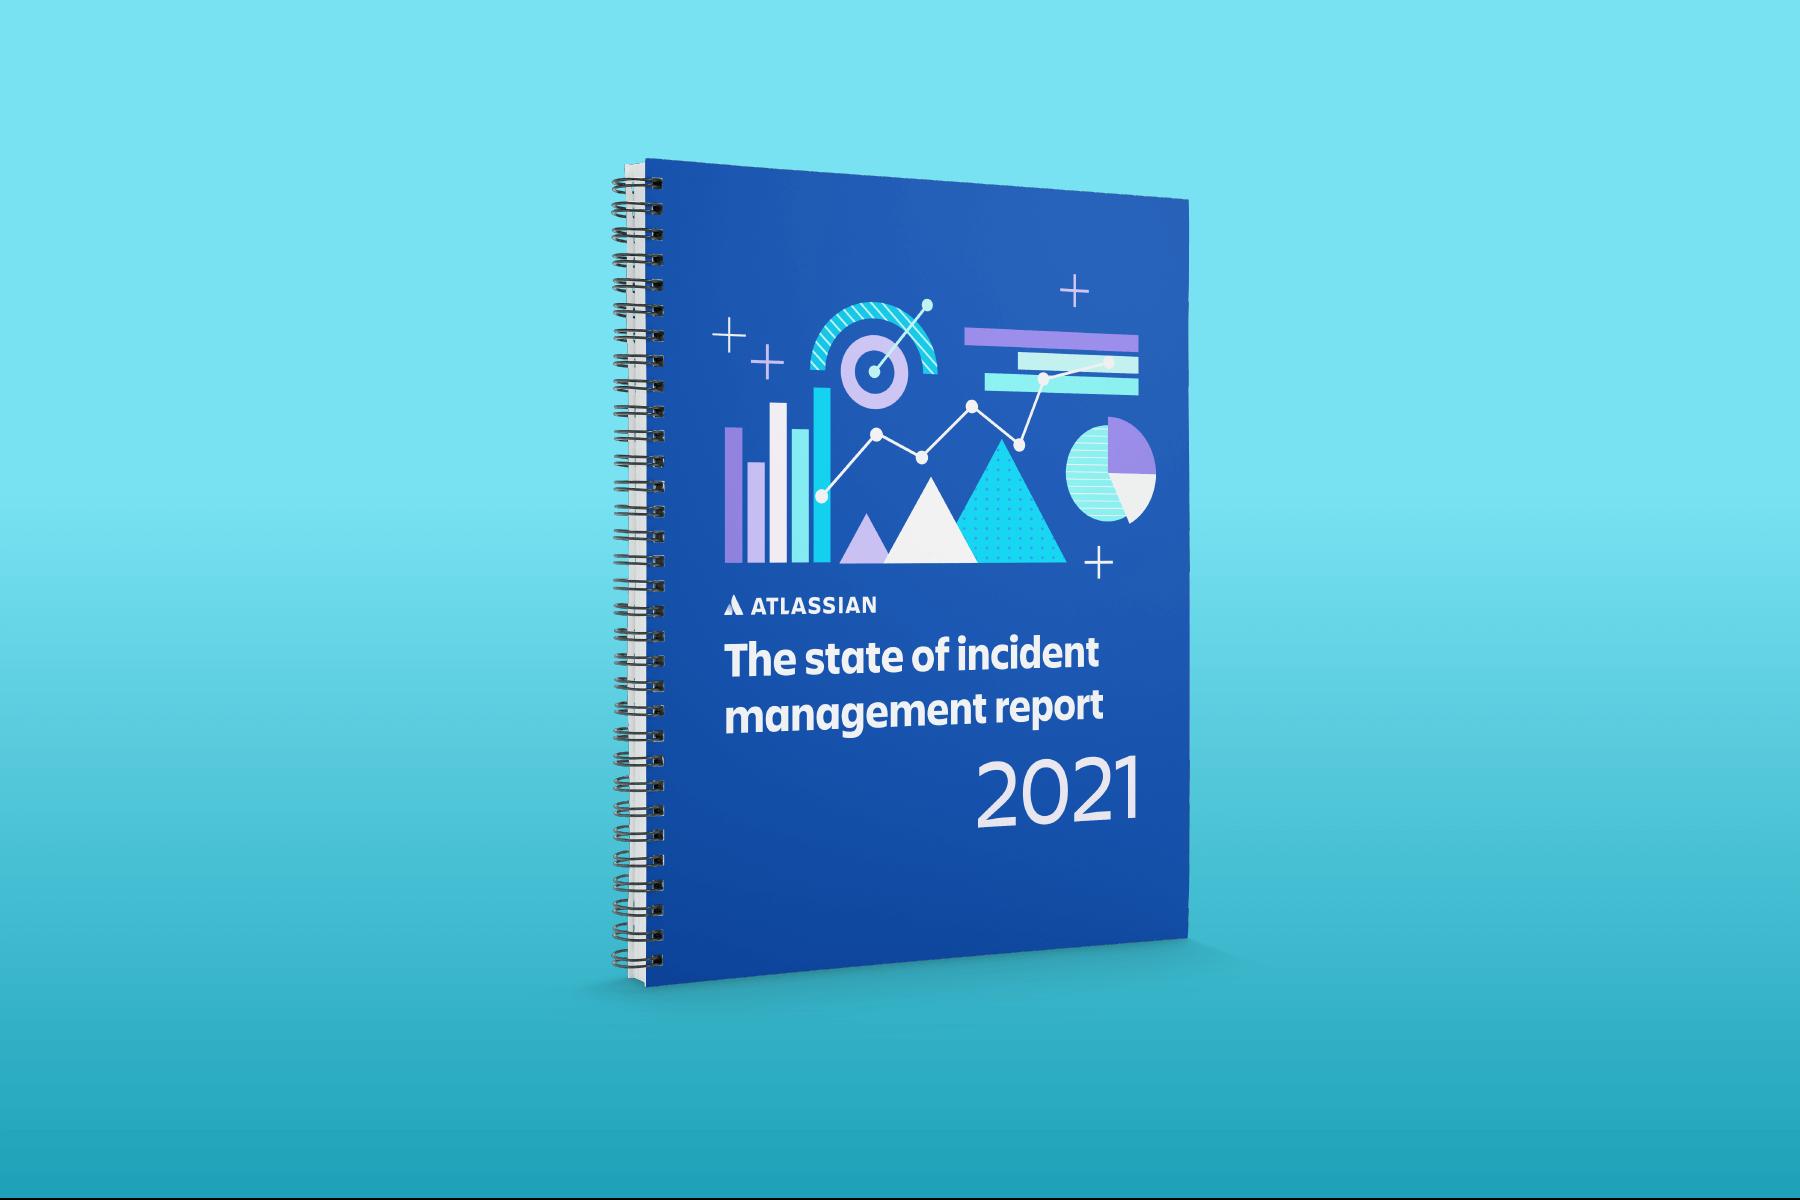 Portada del informe del estado de gestión de incidentes 2021